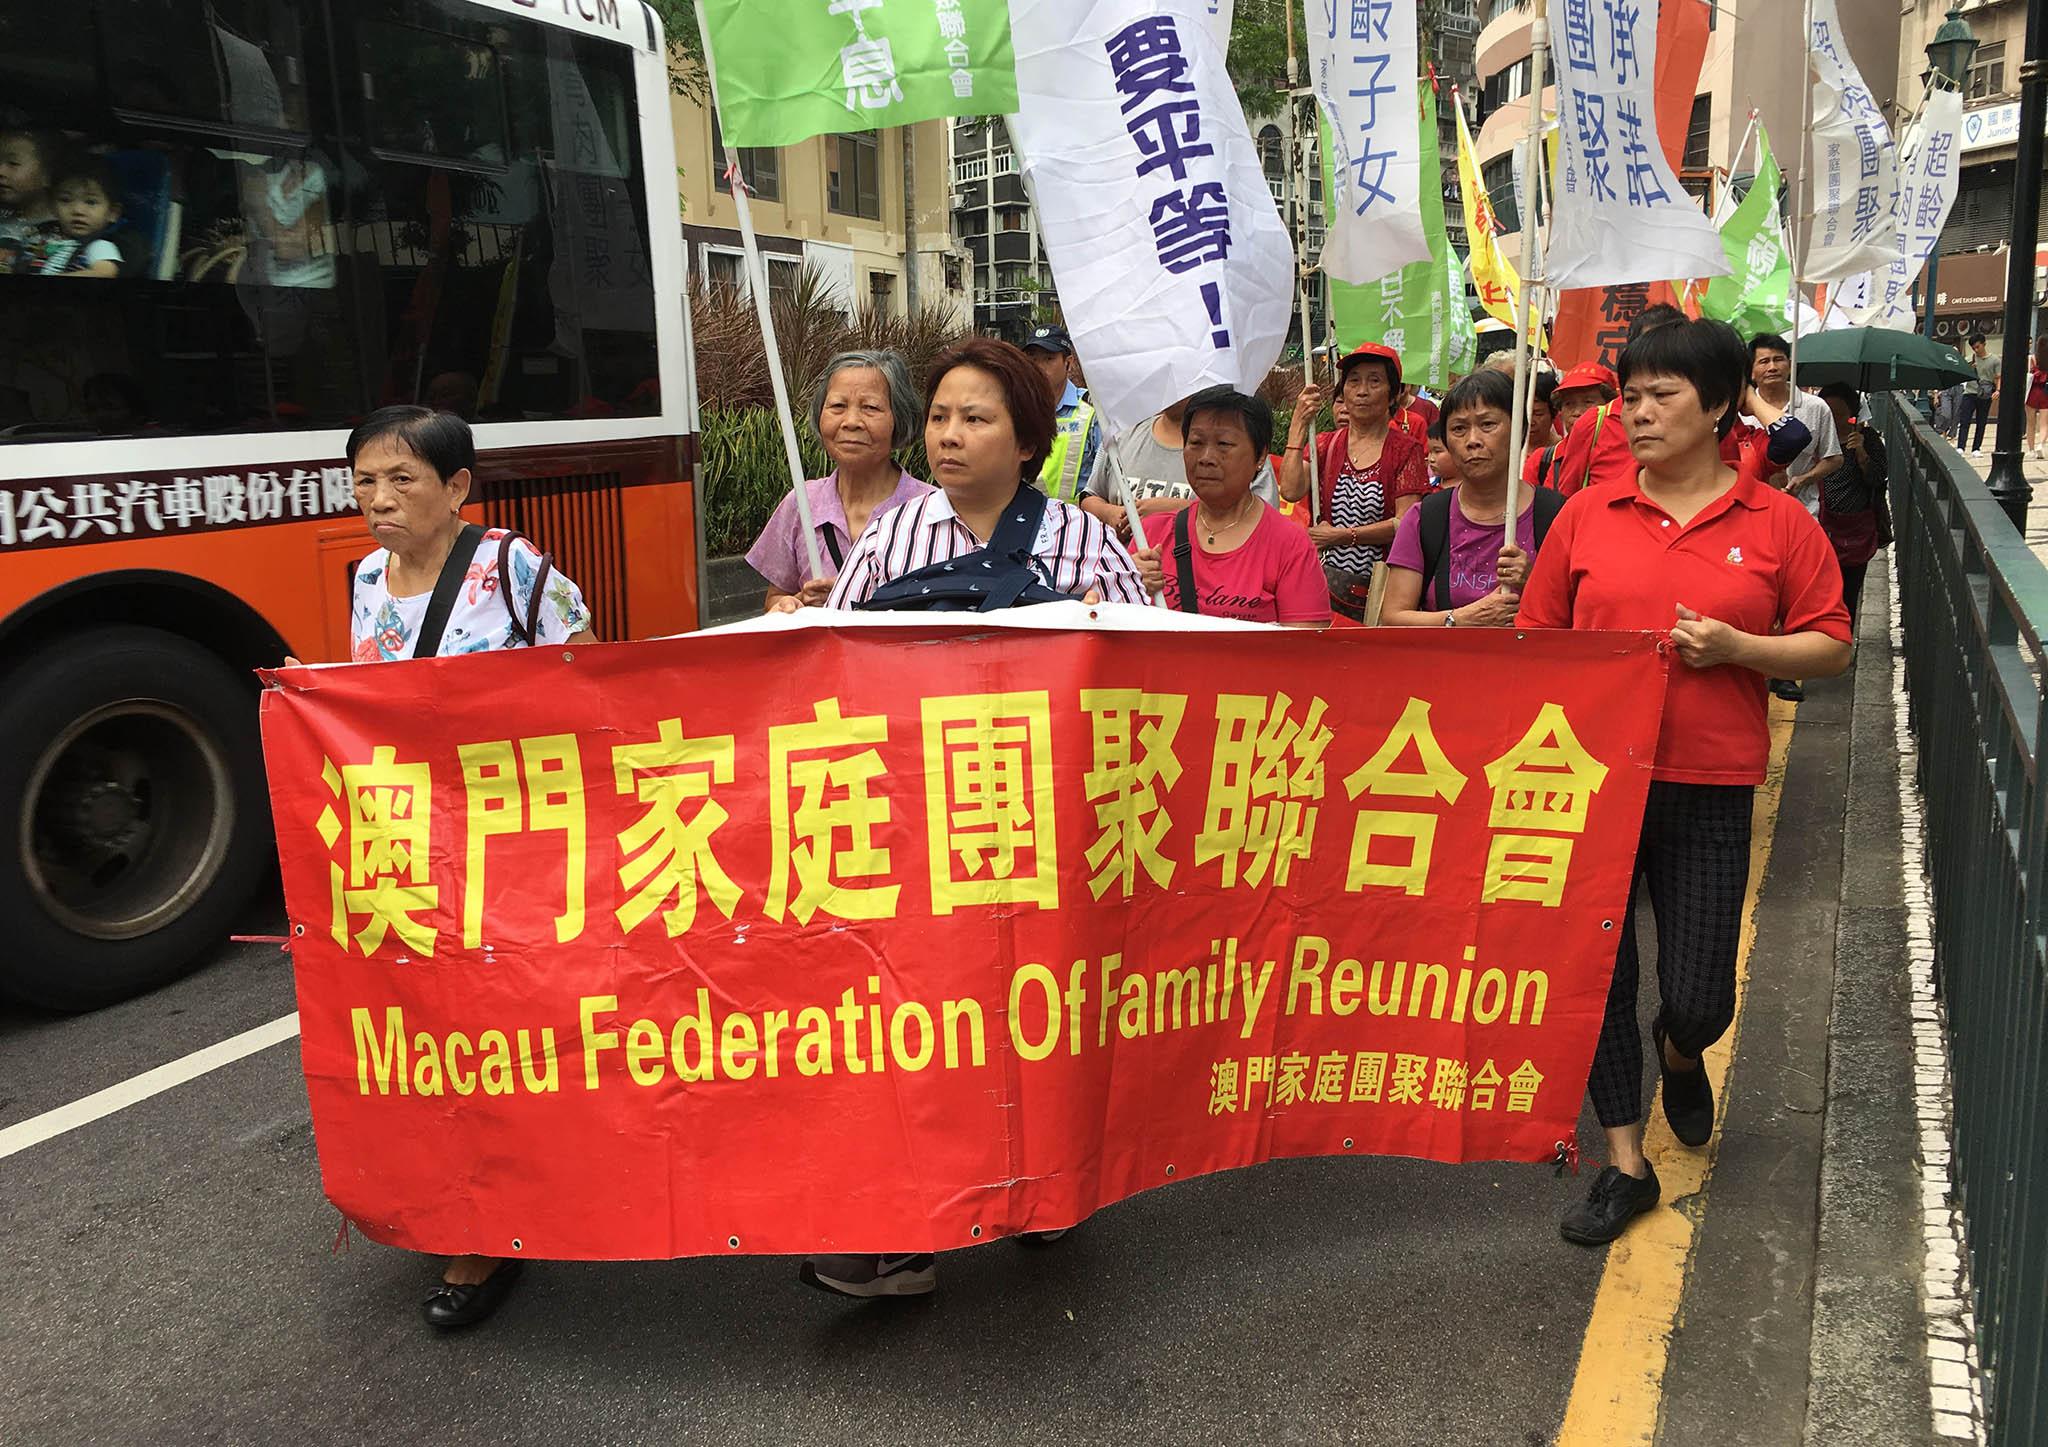 Protesto | Mais de cem nas ruas pela reunião familiar